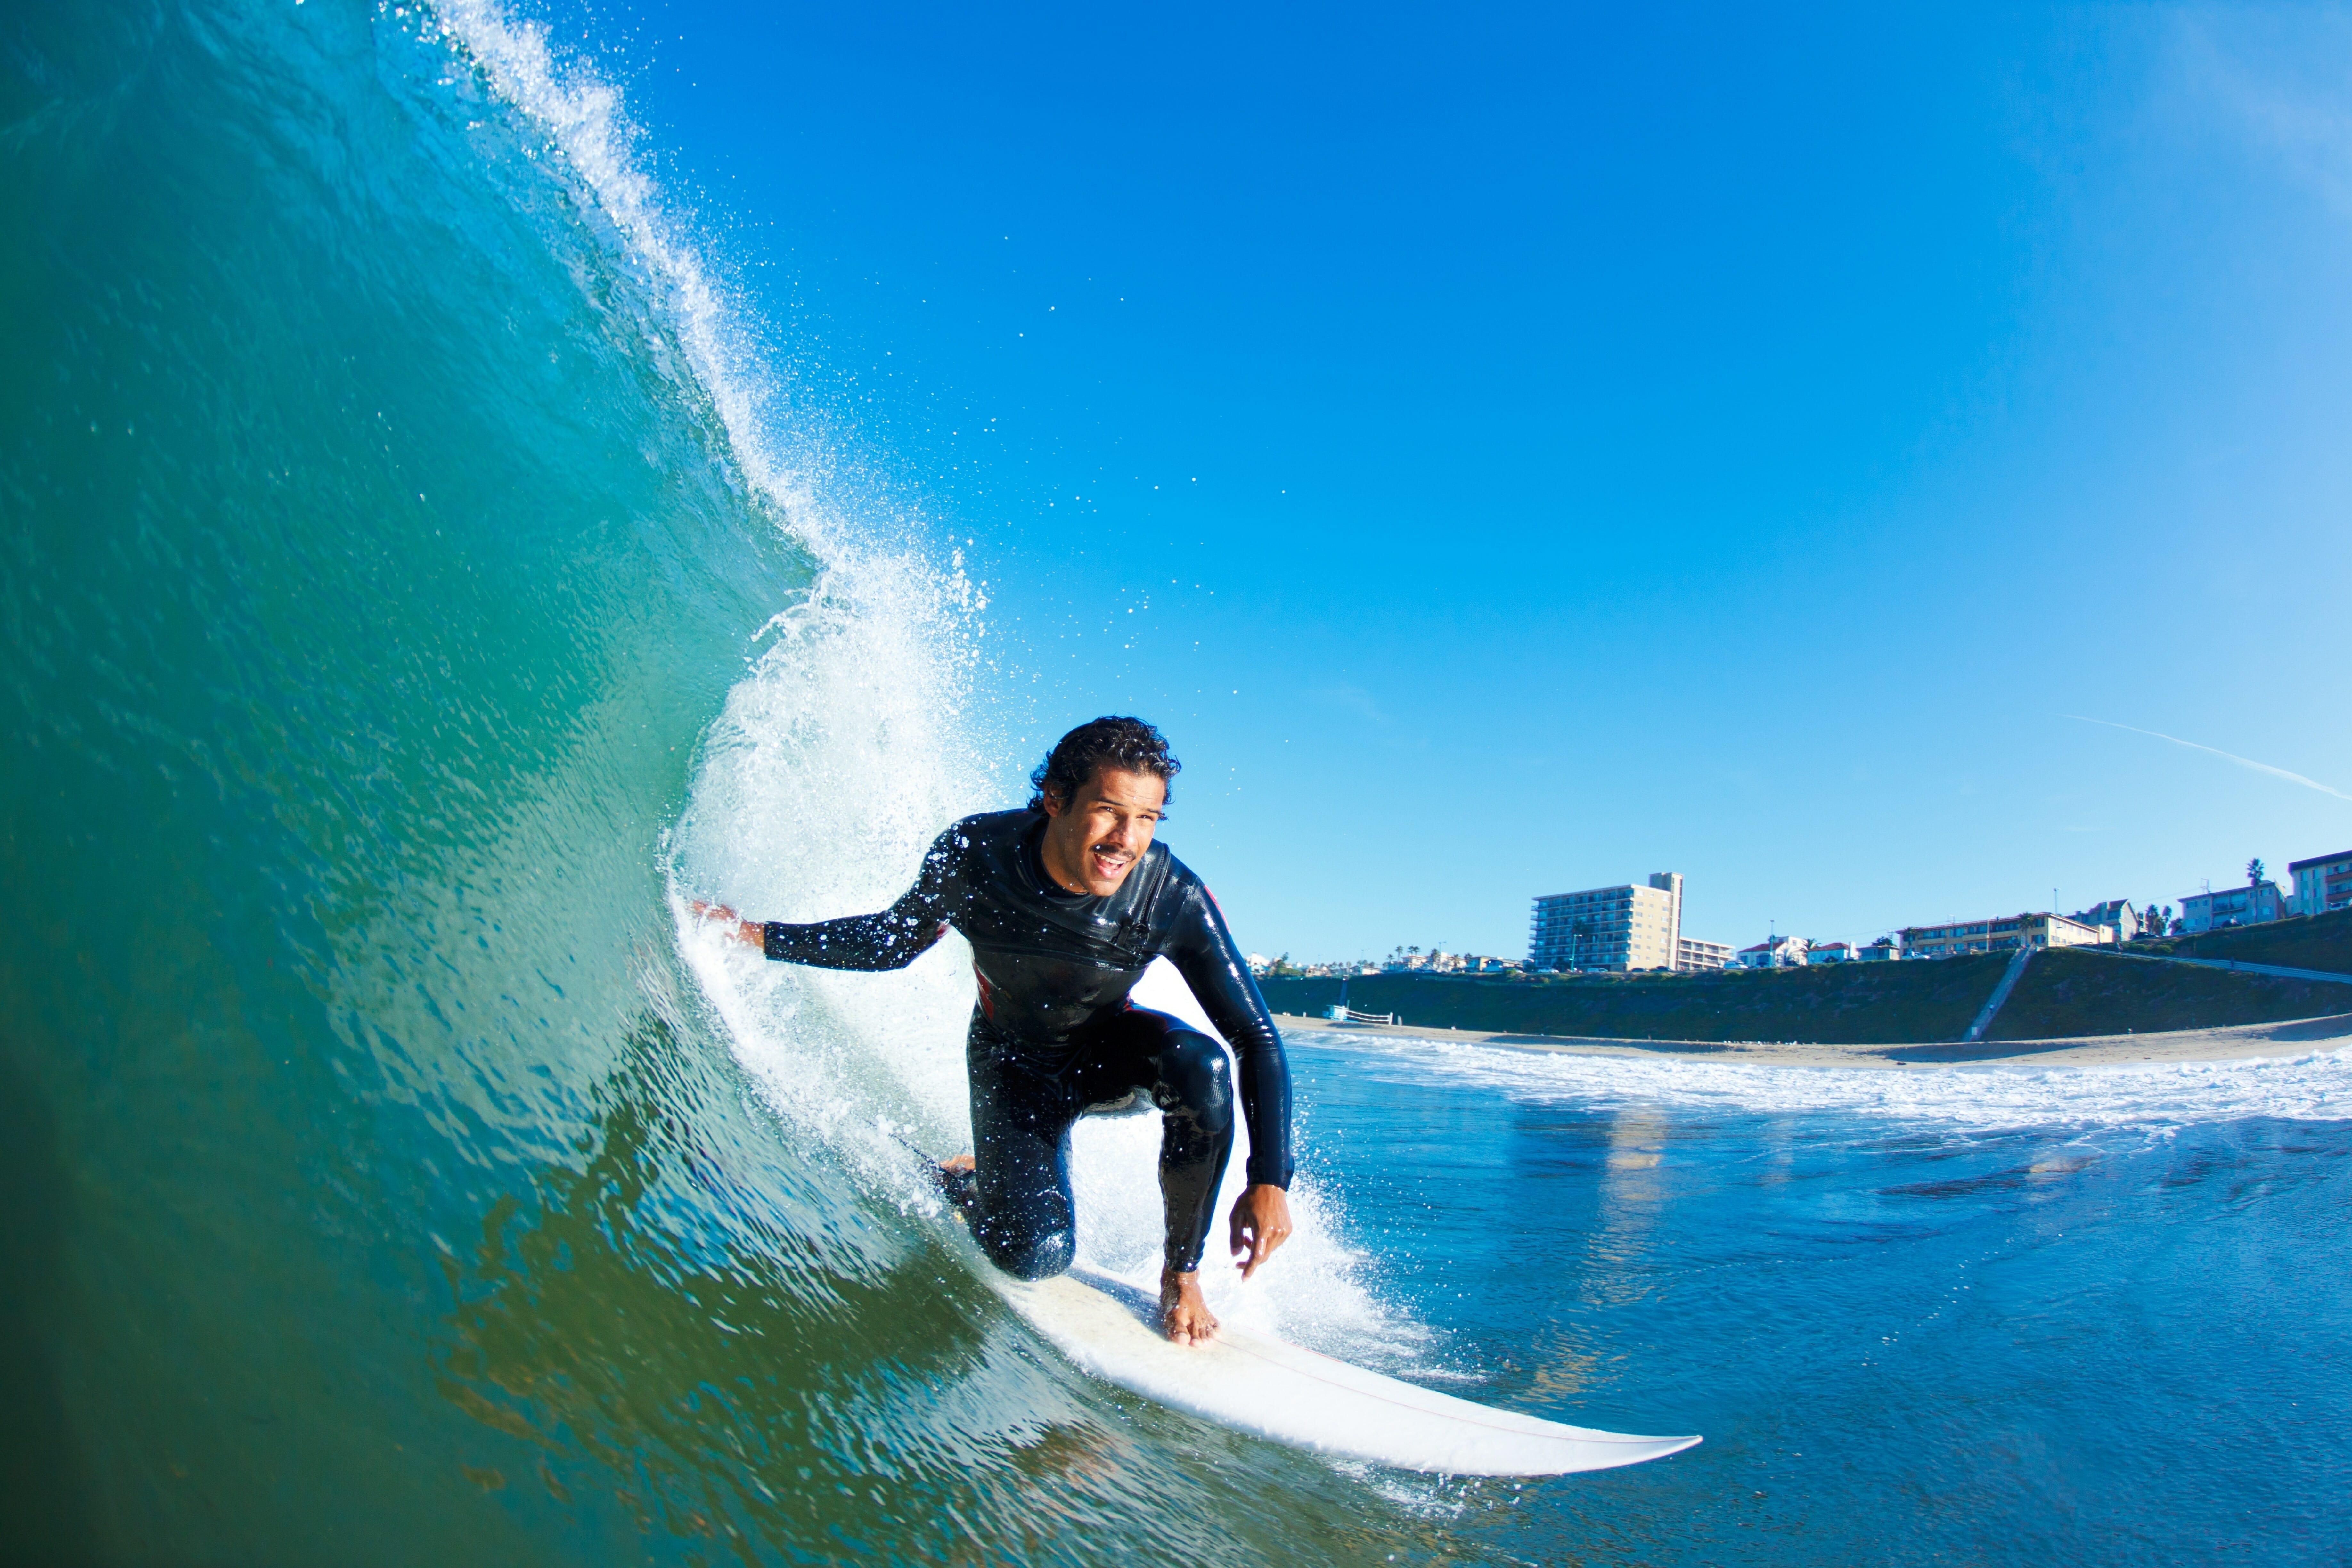 青い波でサーフィンする男性